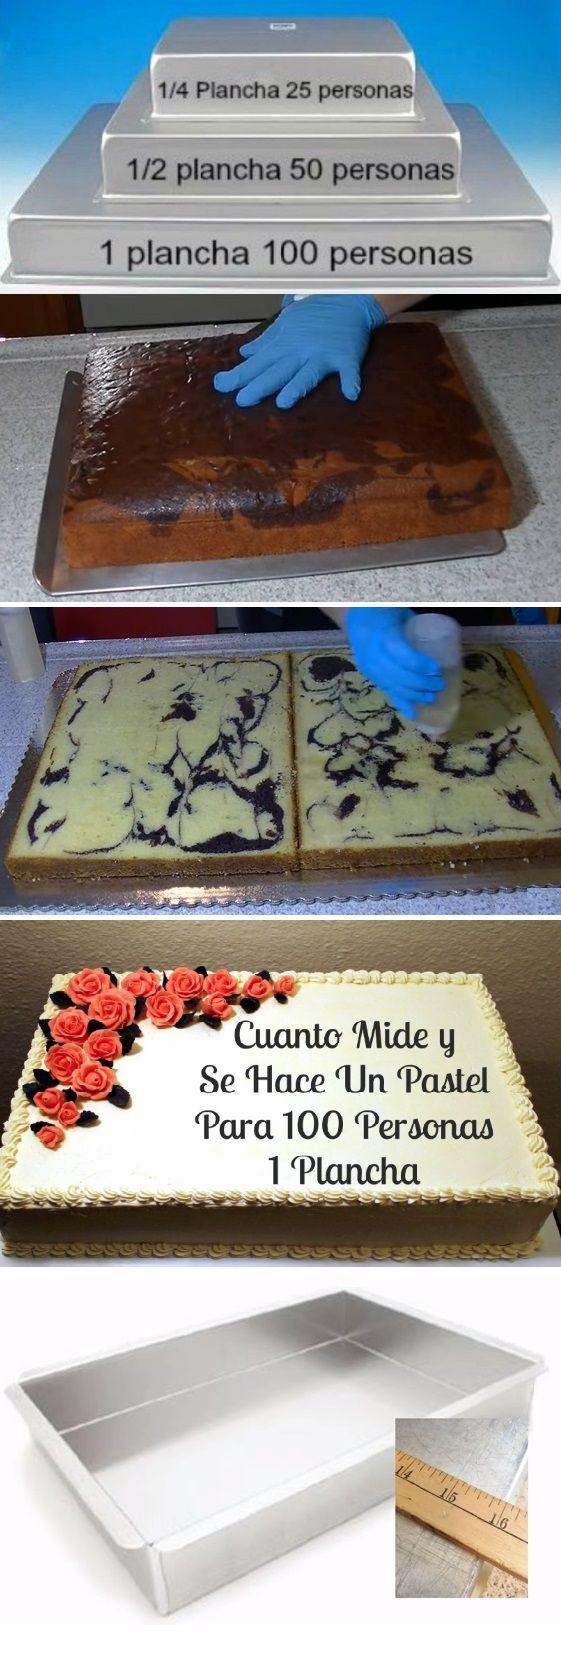 Si tienes que hacer una tarta para muuuchas personas este video te será muy útil, Mira Cómo hacer una tarta para 100 personas …  #recipe #recetas #plancha #cocina #fiestasinfantiles #tartas  #tortas #pastel   obtendrás una preciosa y tentadora tarta que va a hechizar a todos los invitados...